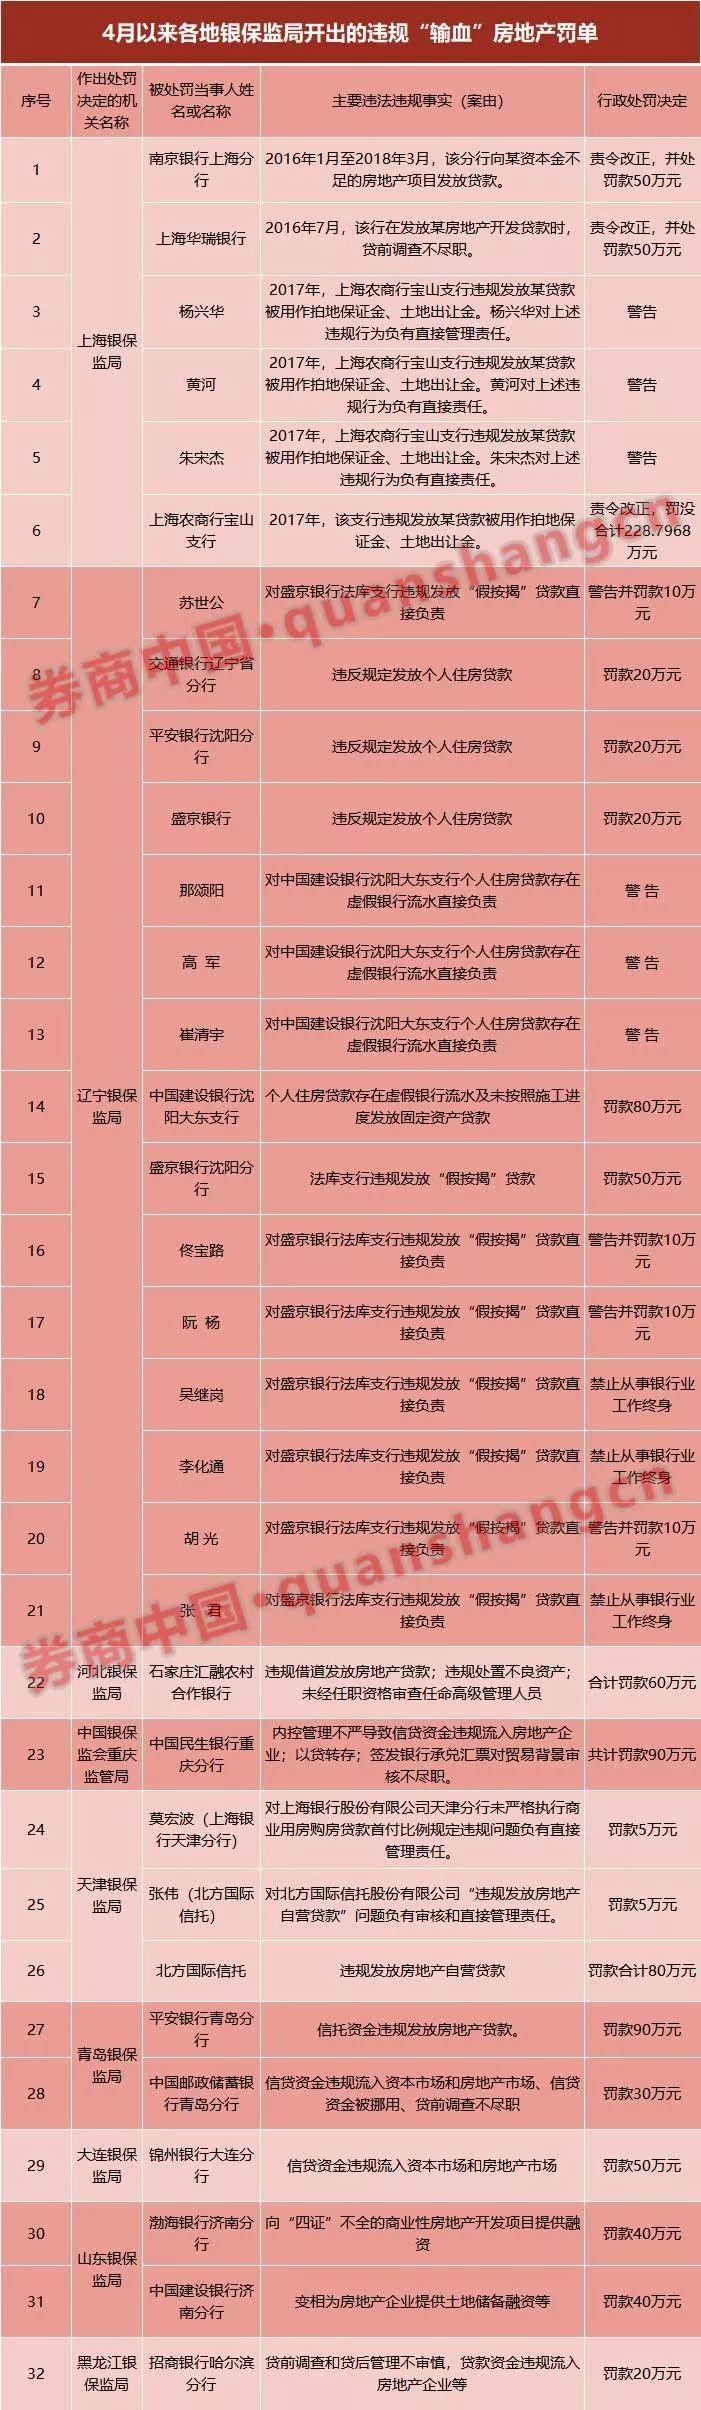 """民生银行等15家机构违规""""输血""""房地产 最高被罚200多万"""